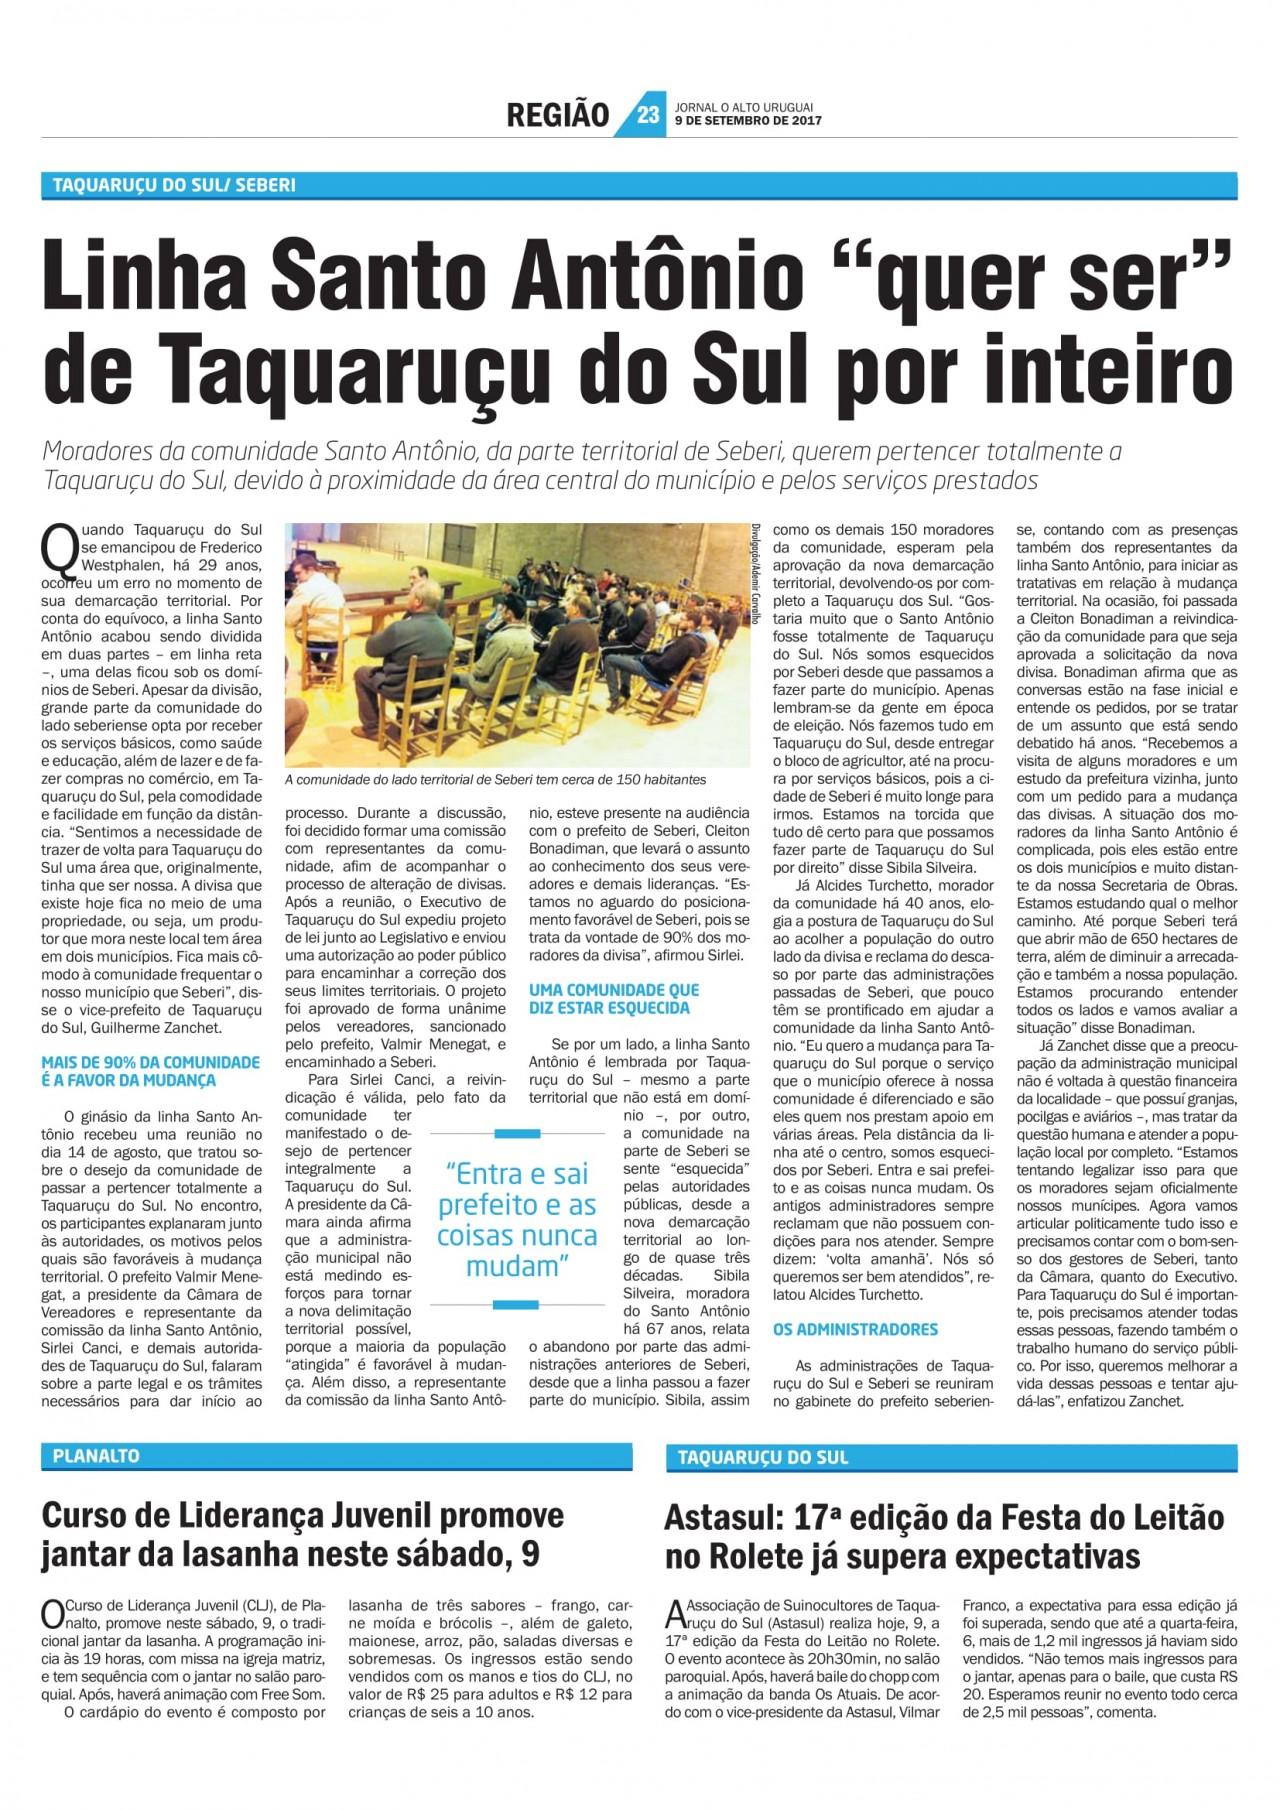 """LINHA SANTO ANTÔNIO  """"QUER SER"""" DE TAQUARUÇU DO SUL POR INTEIRO"""